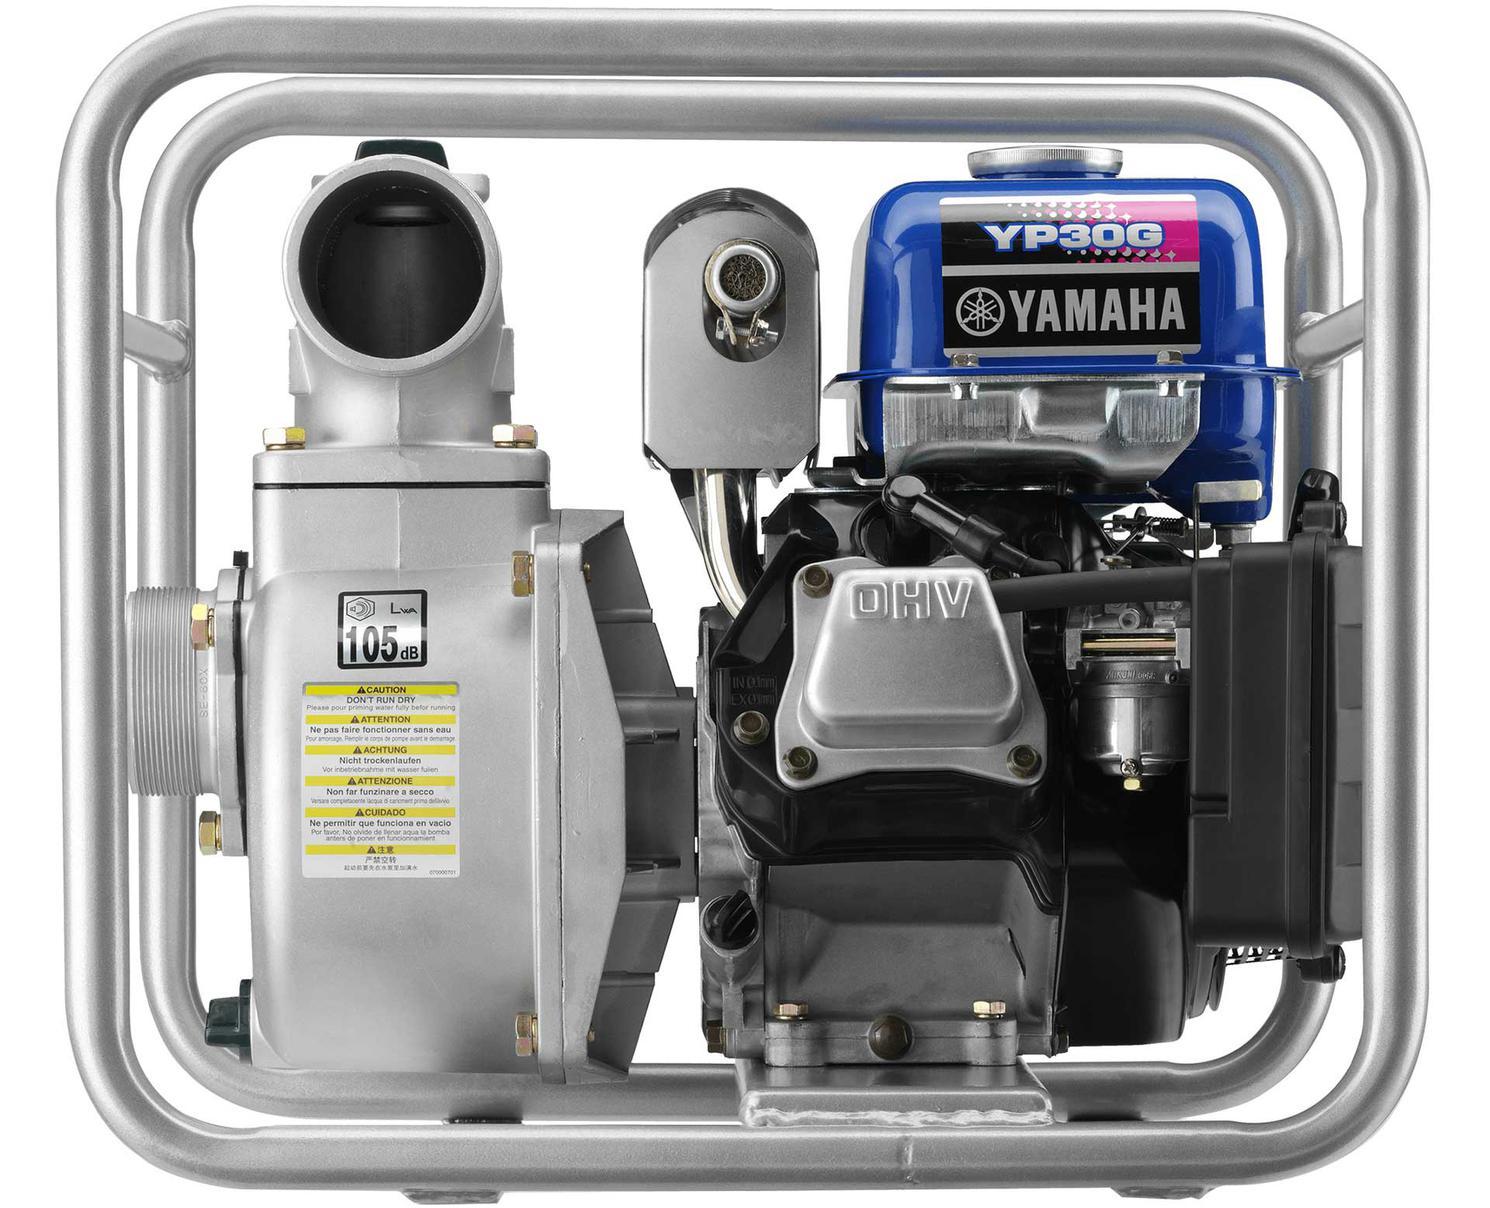 """2021 Yamaha YP30 (3"""") WATER PUMP"""